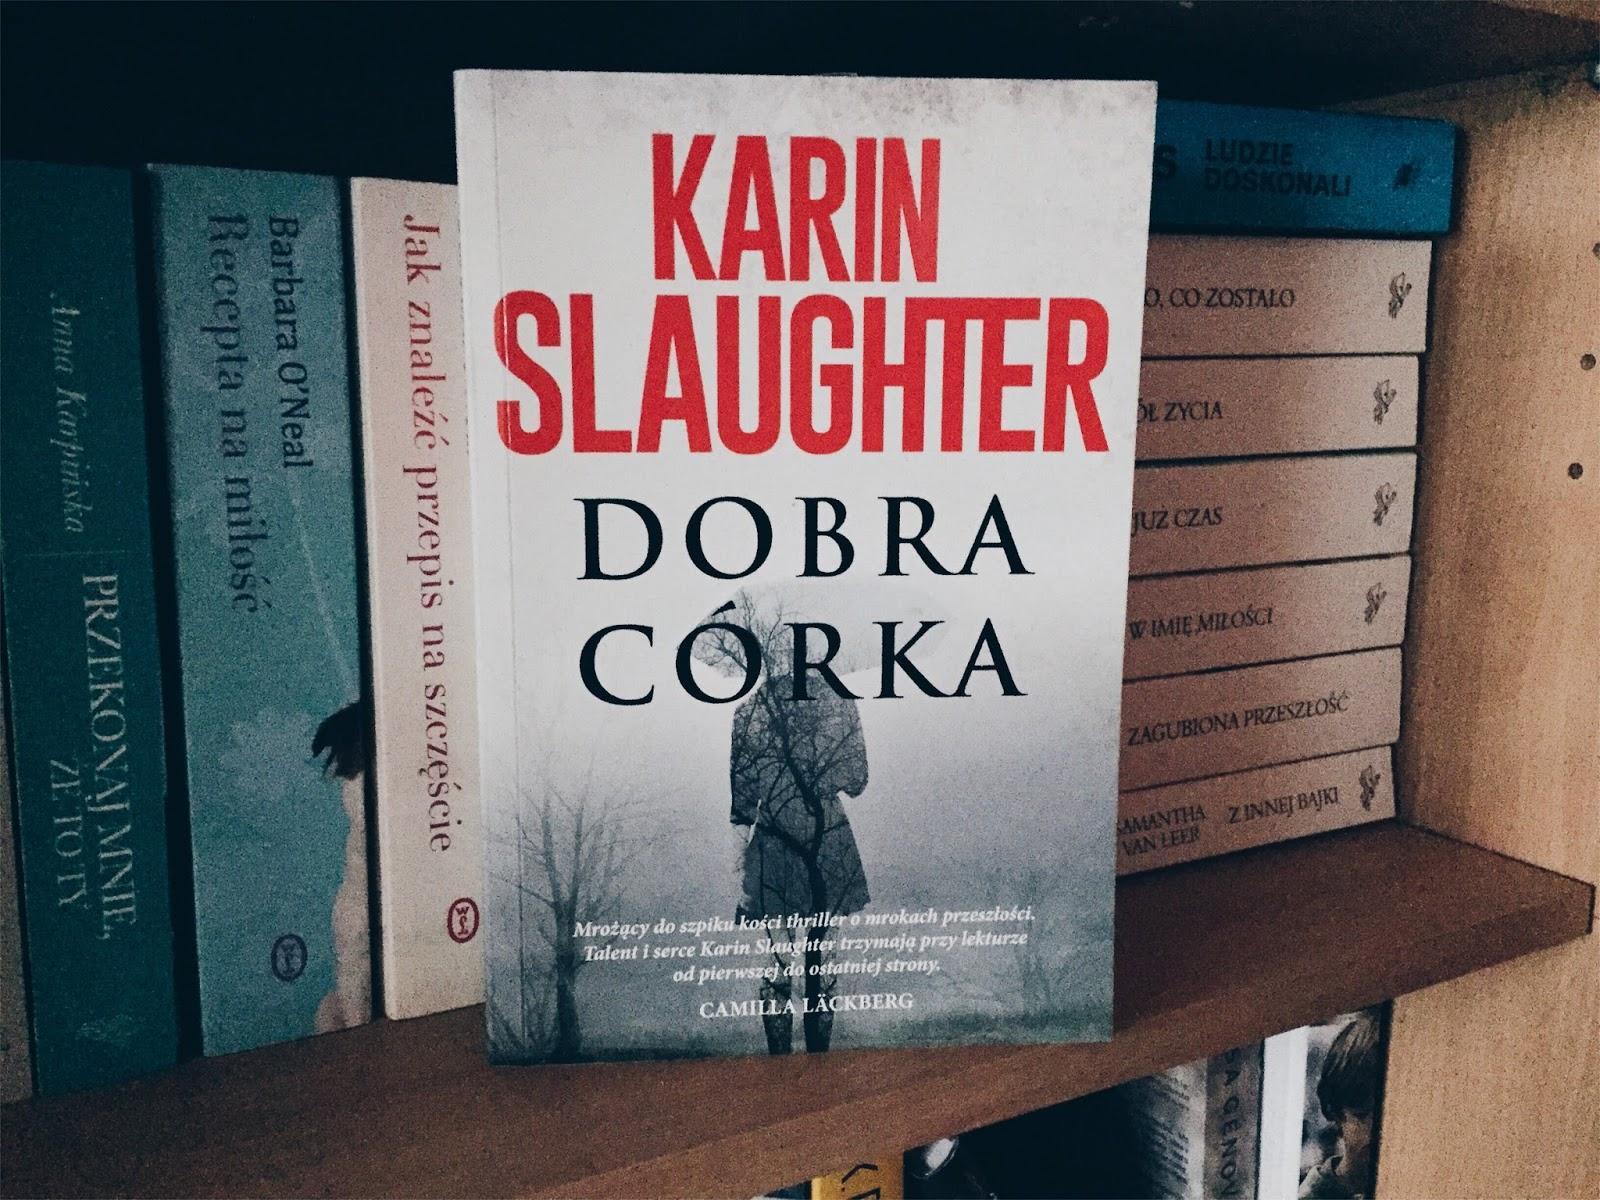 Dobra córka, Karin Slaughter